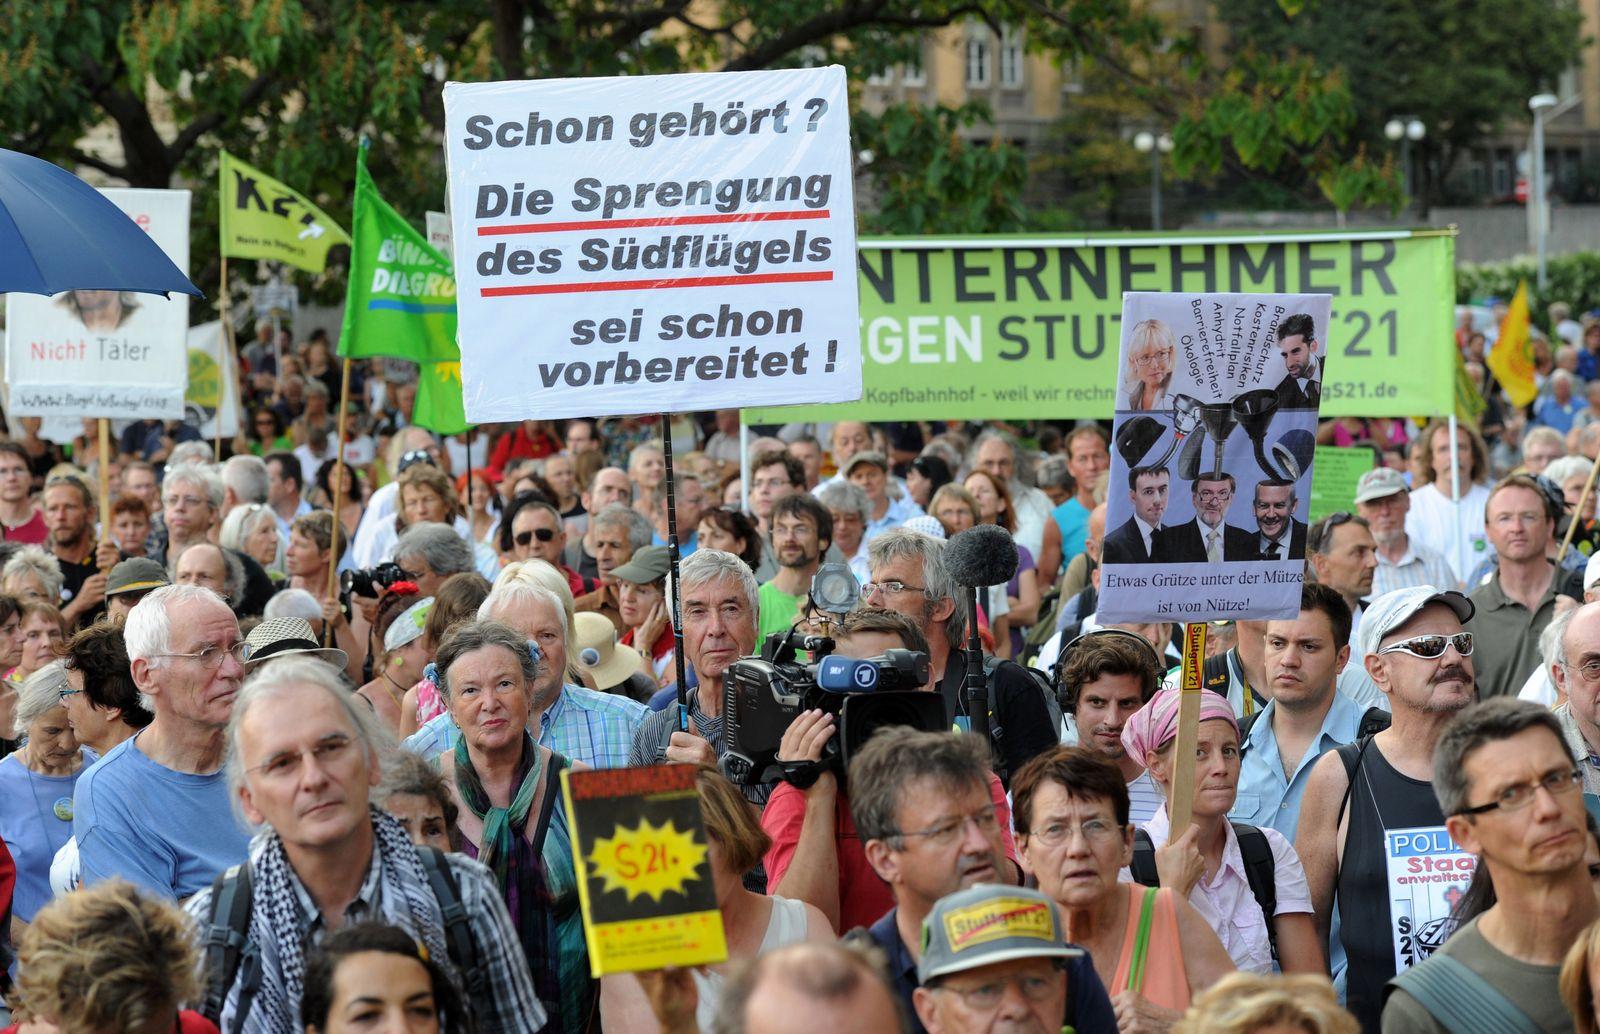 Demo / Stuttgart 21